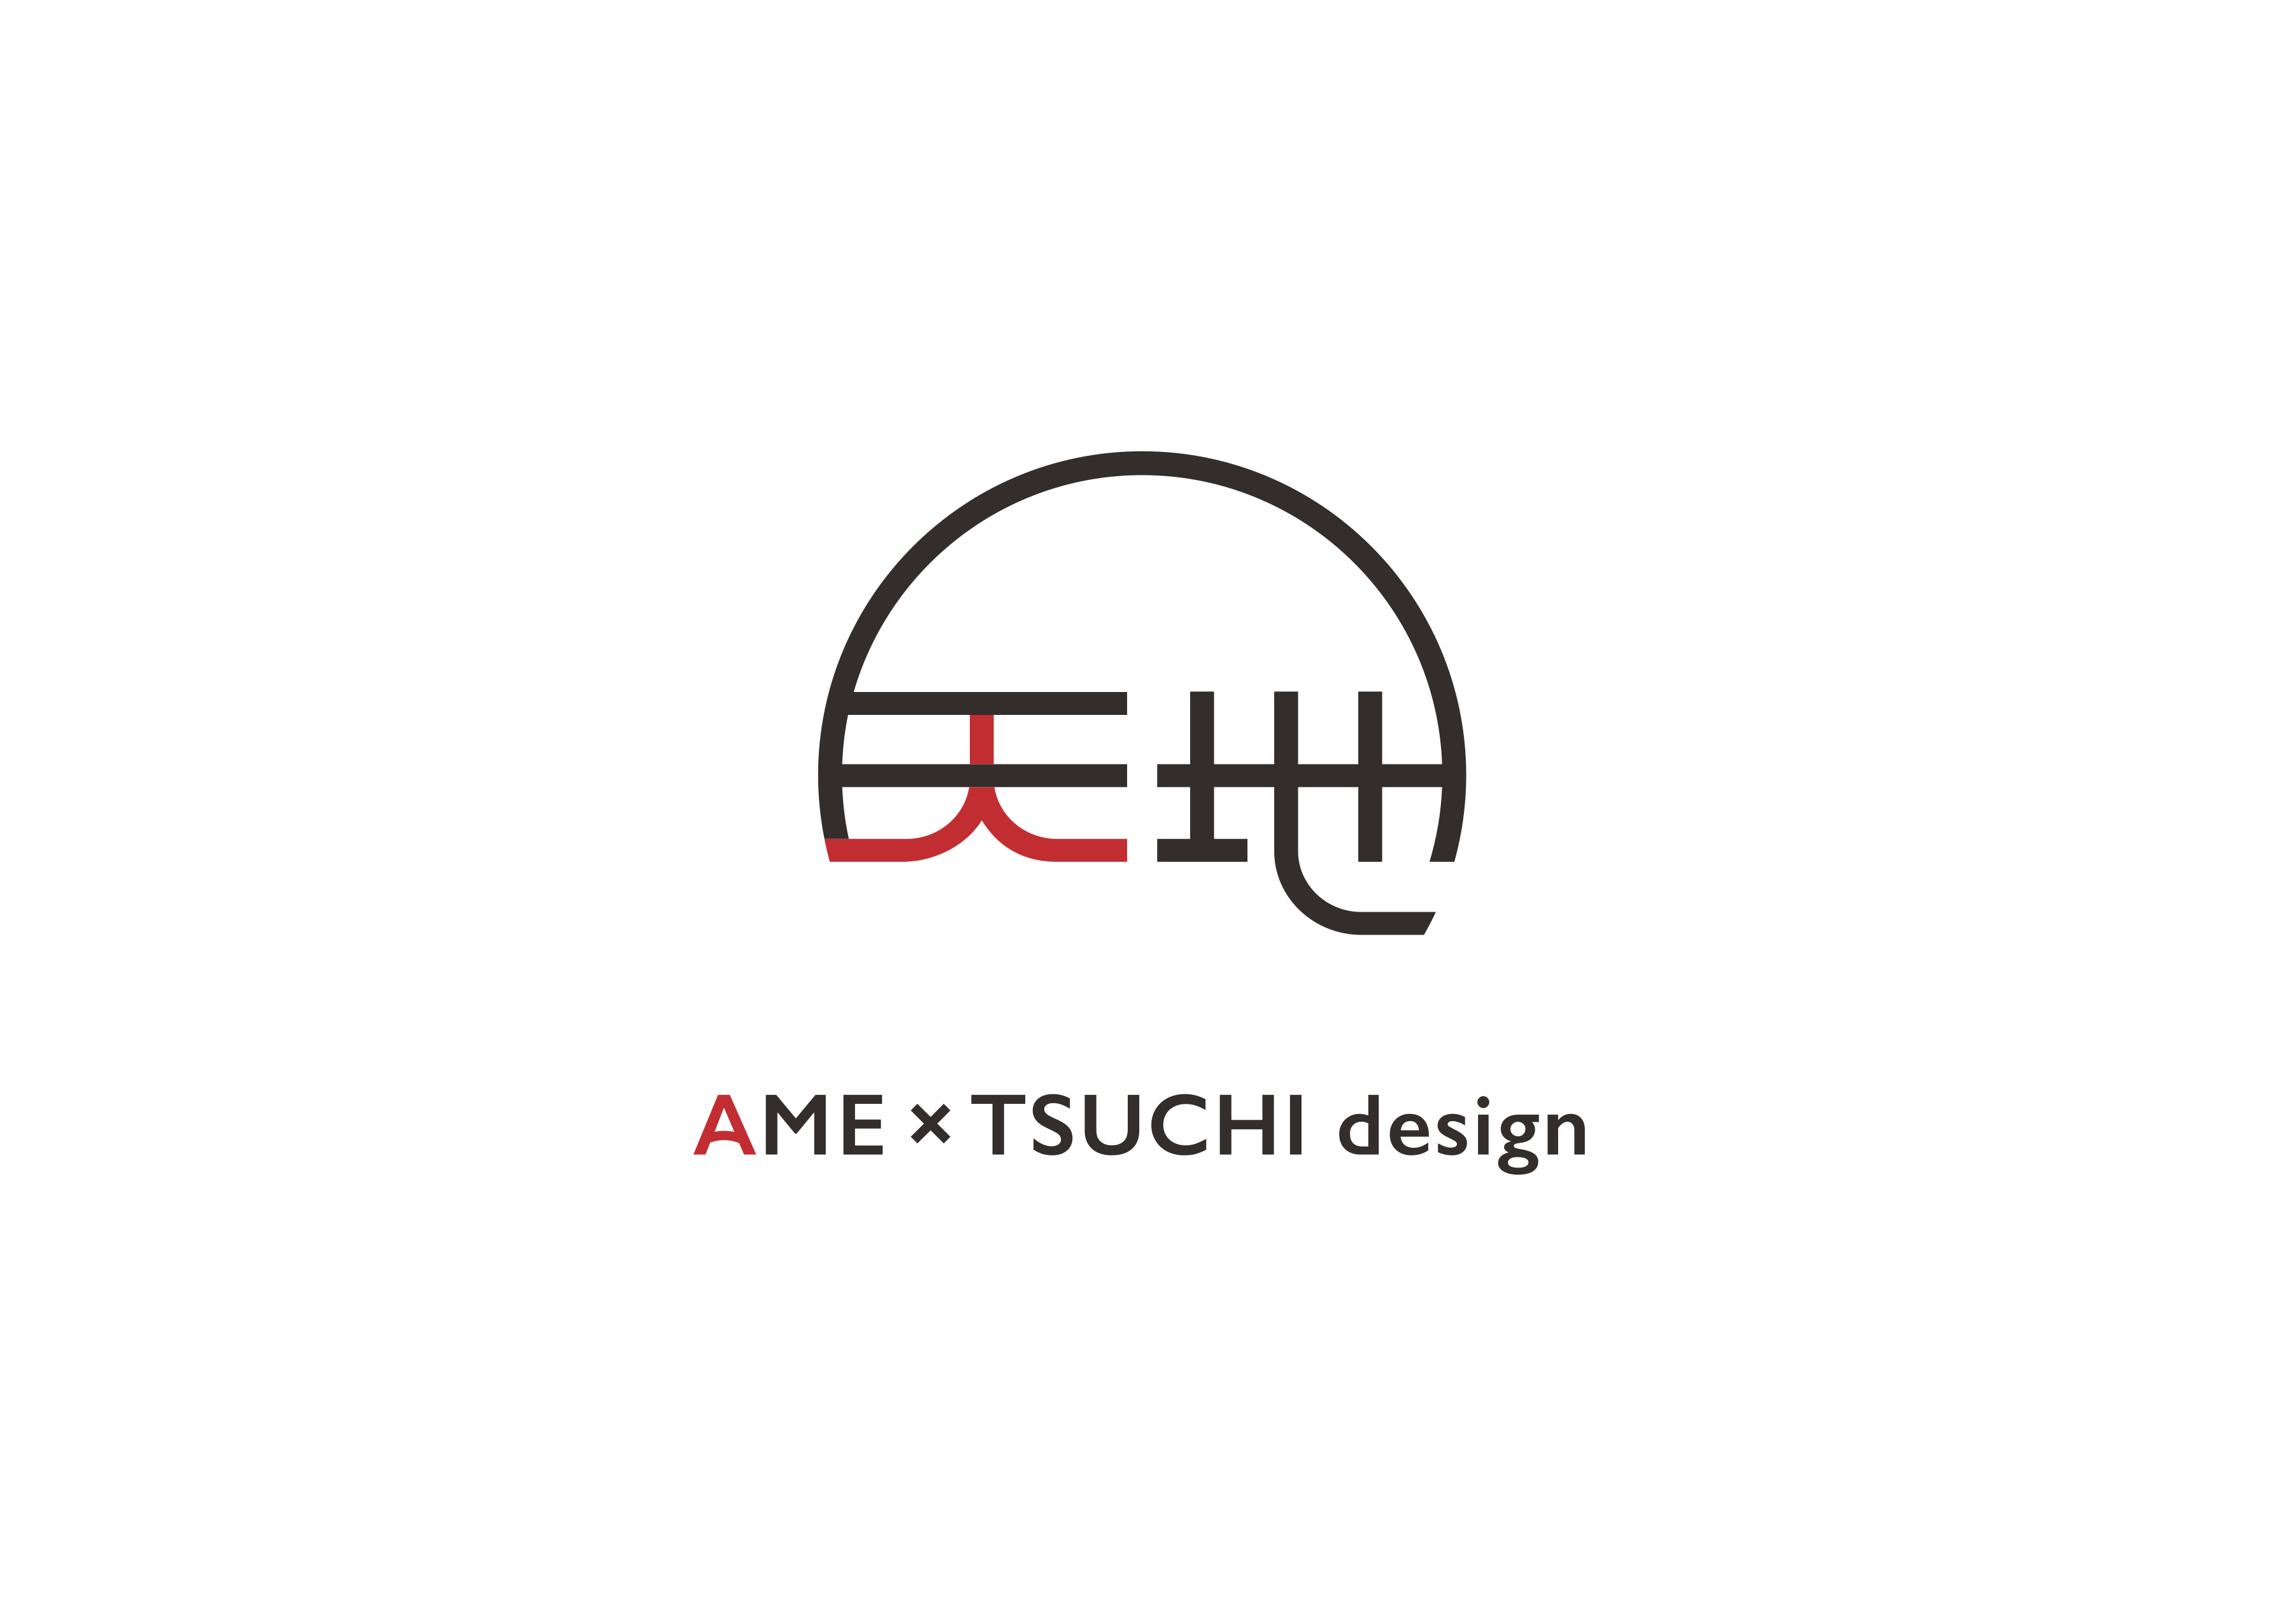 ツーリズムデザインを中心に地域の活性化に貢献するITサービスデザイン会社、あめつちデザイン株式会社に出資